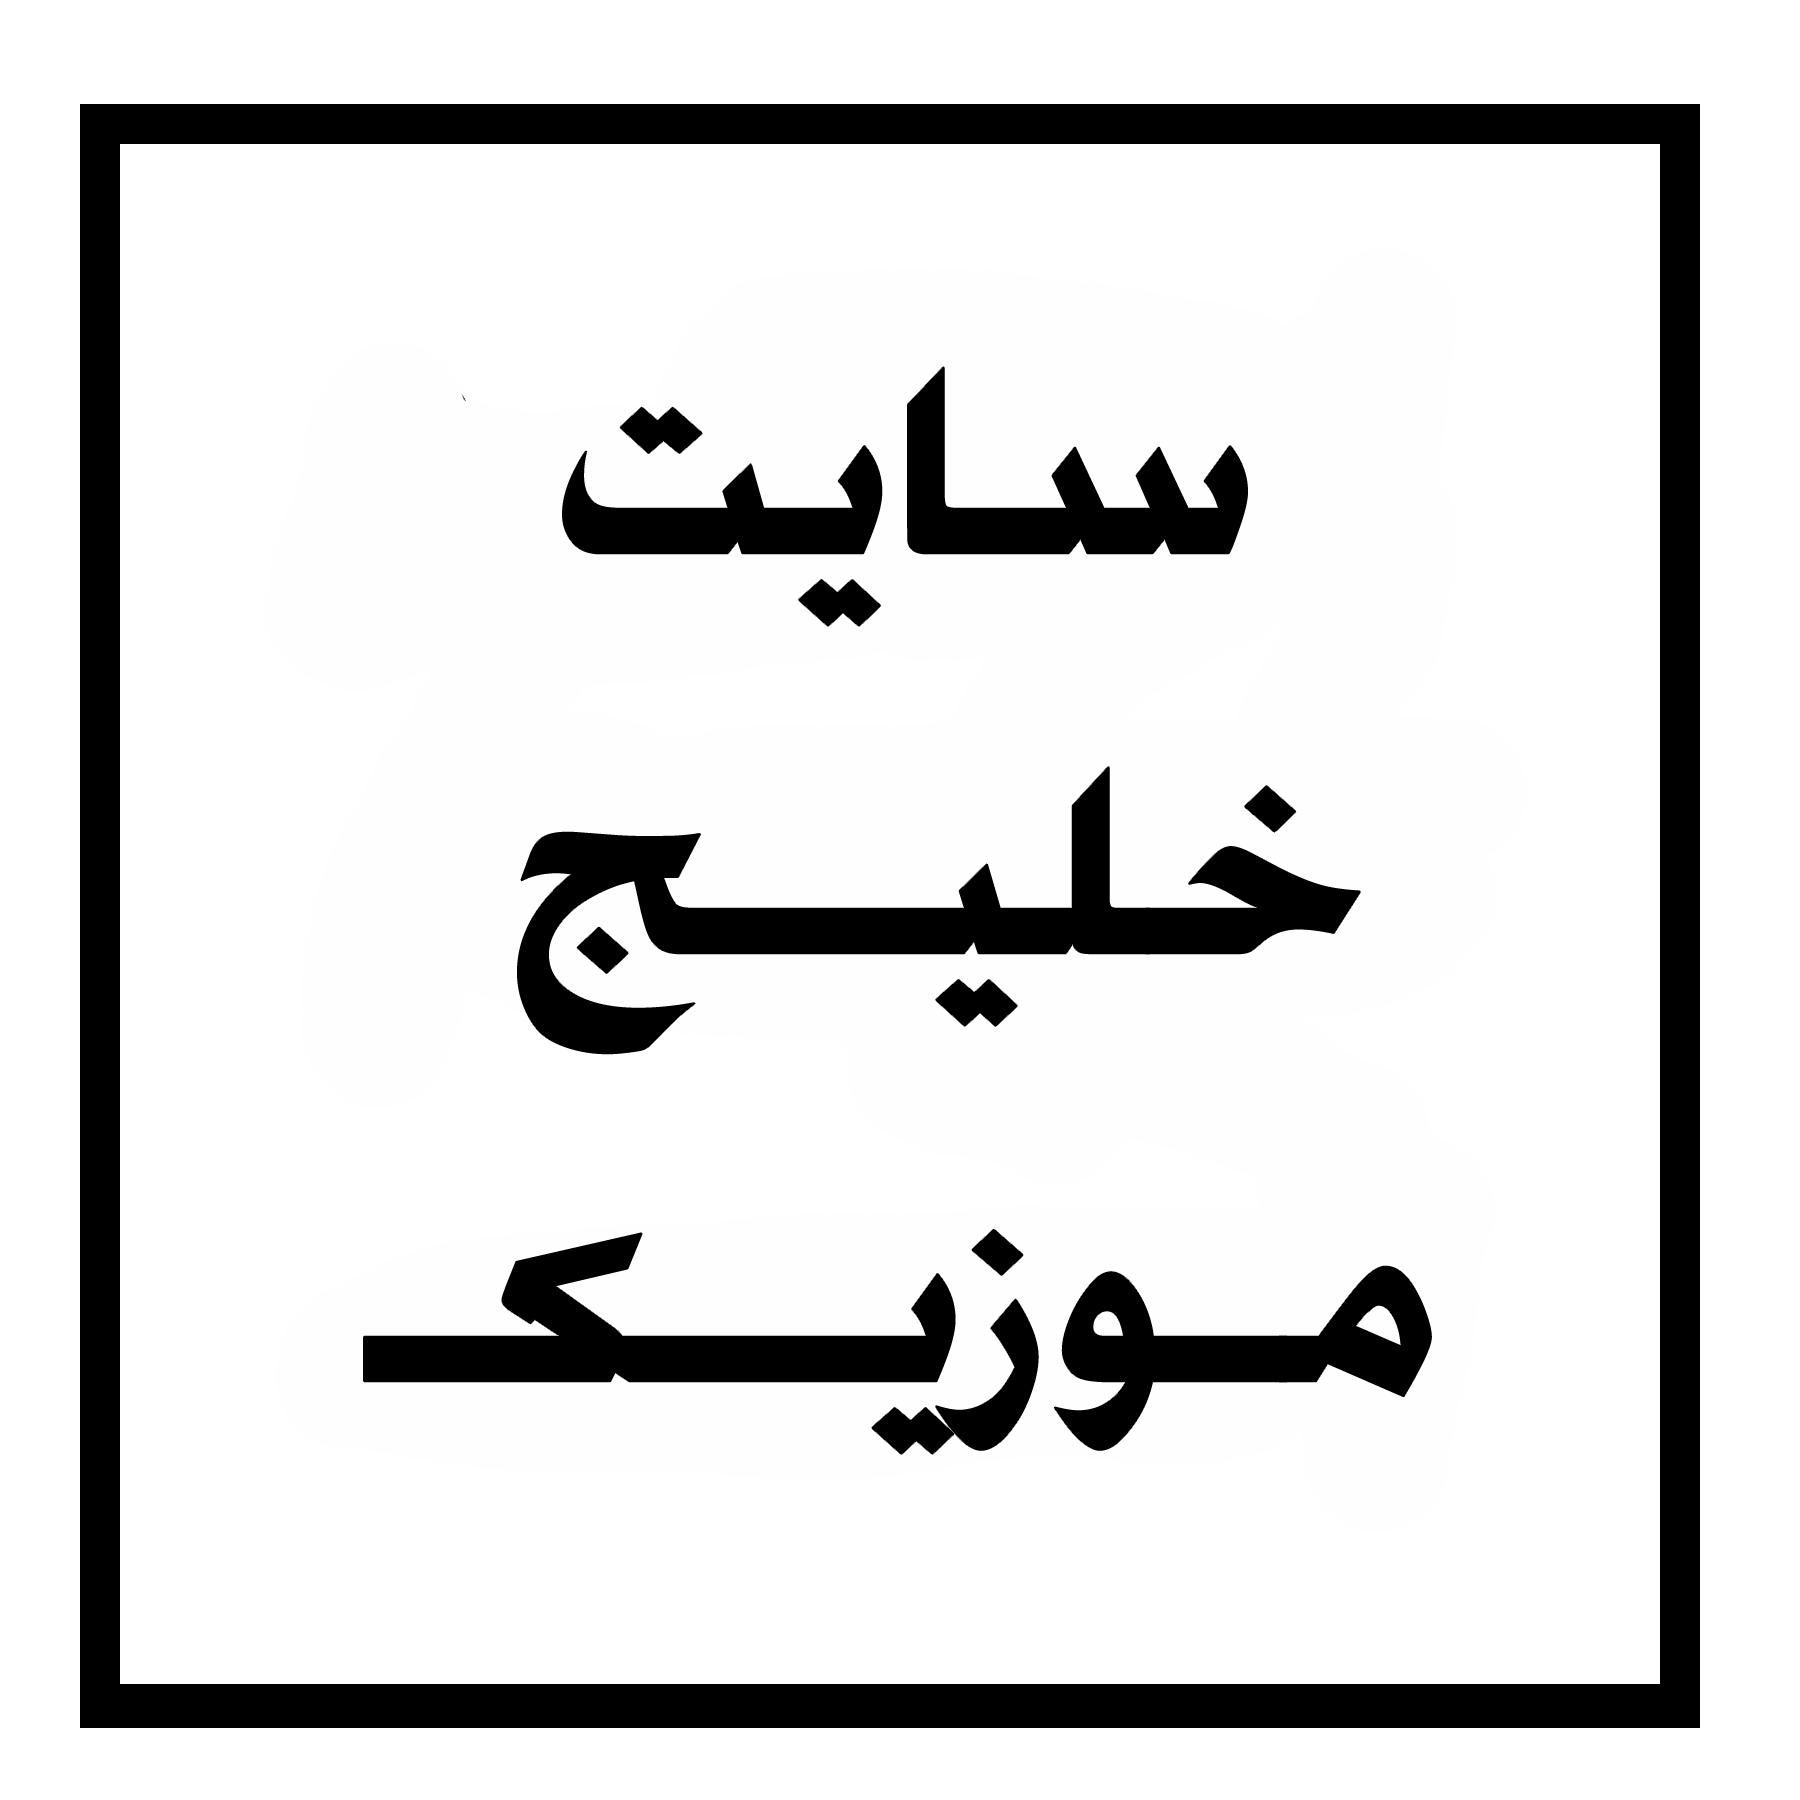 محدثه احمدی دانلود دکلمه جدید و بسیار زیبا و شنیدنی بنام یکی را دوست دارم